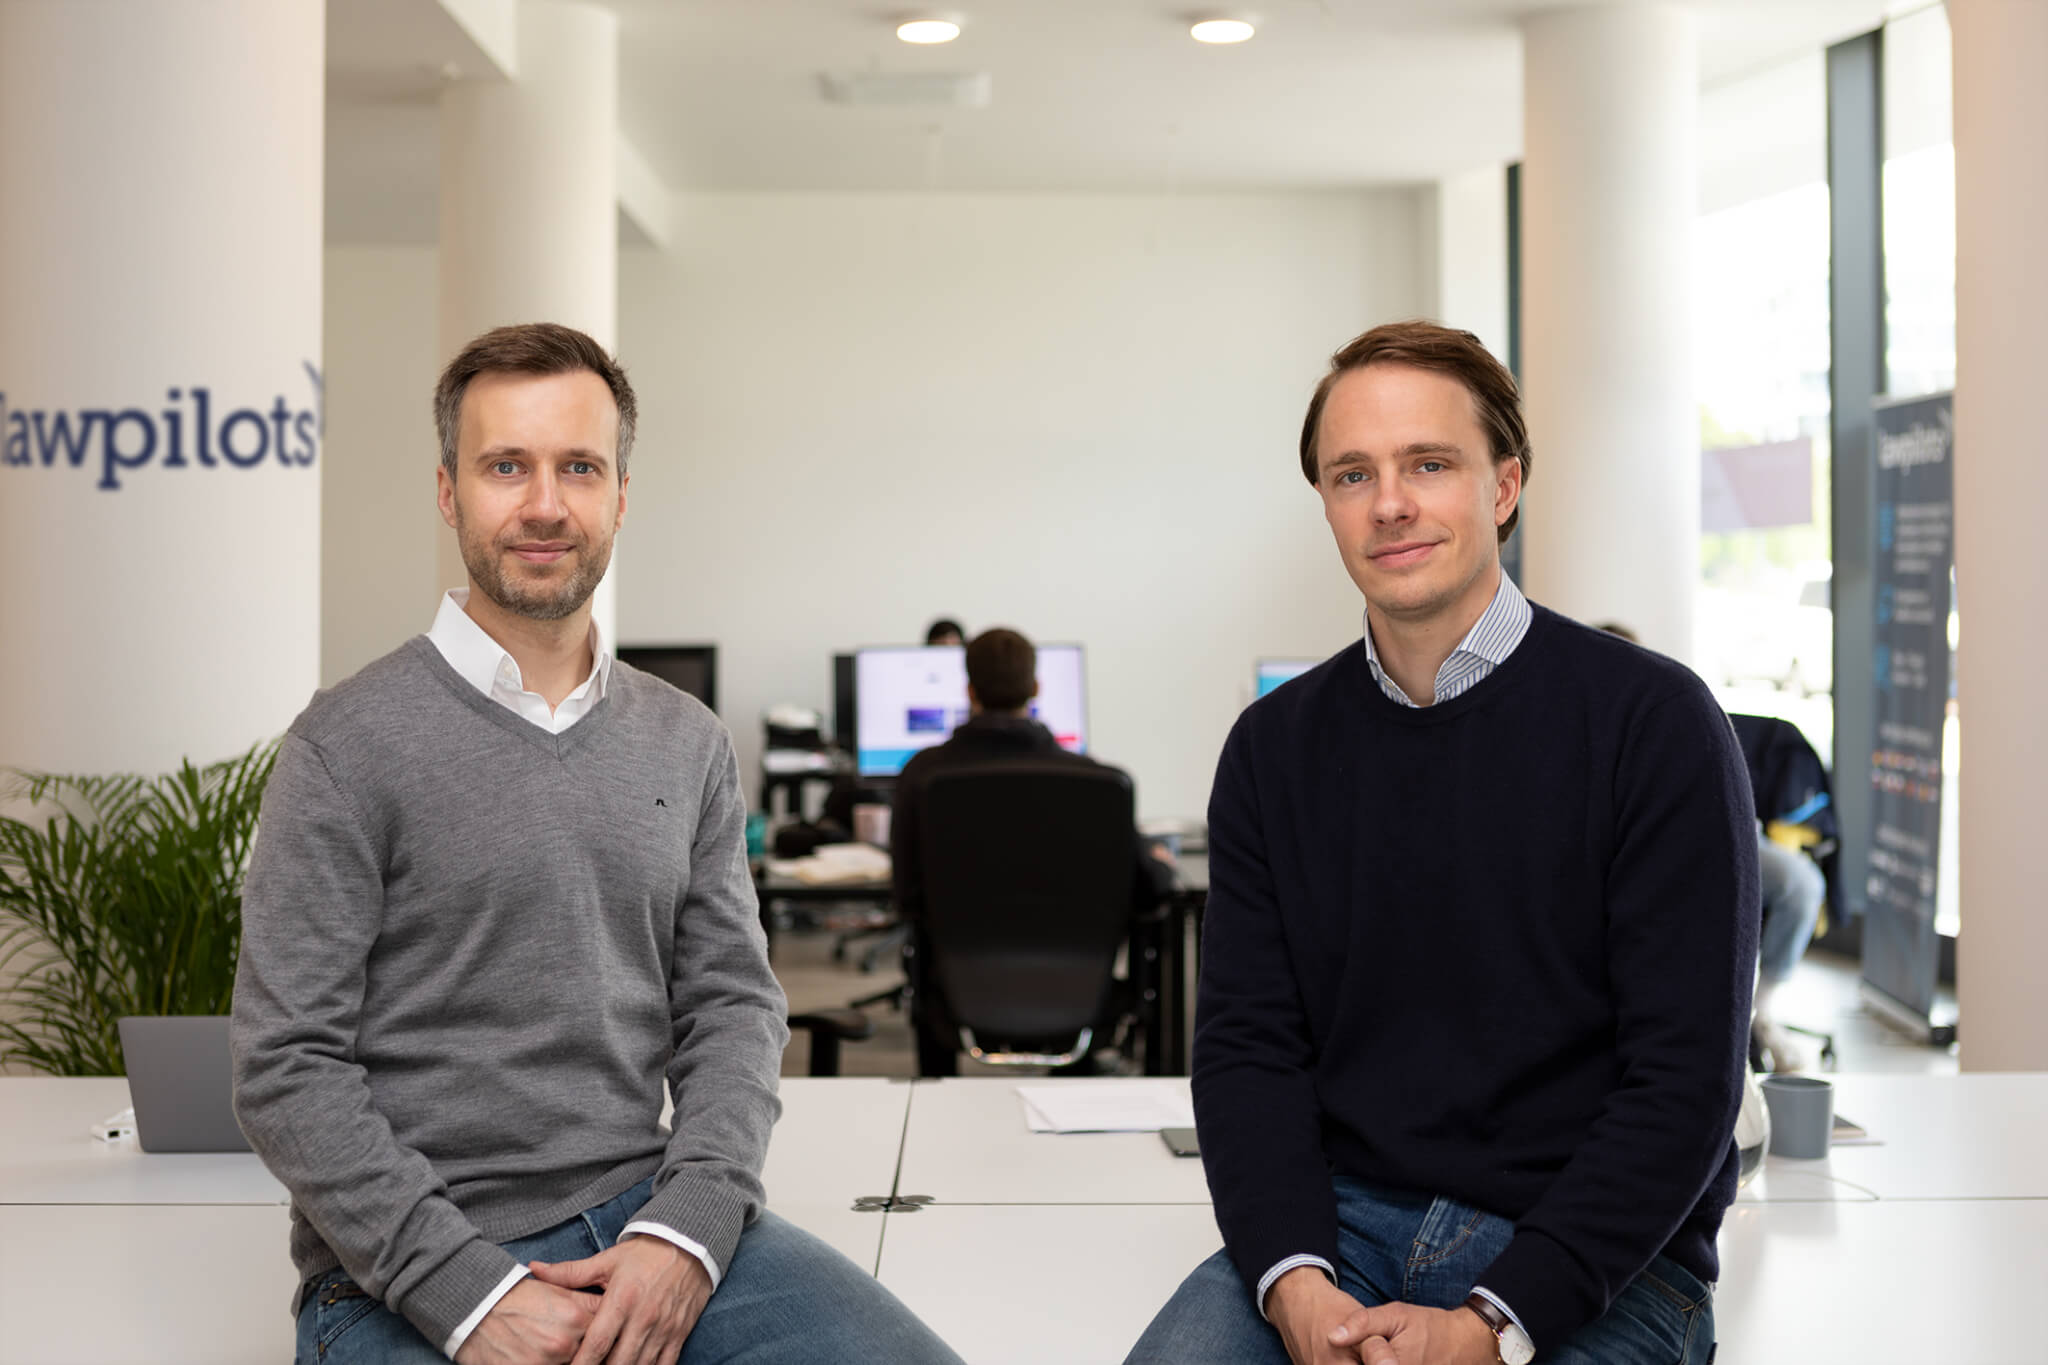 lawpilots startet Legal Tech Hub in Berlin: